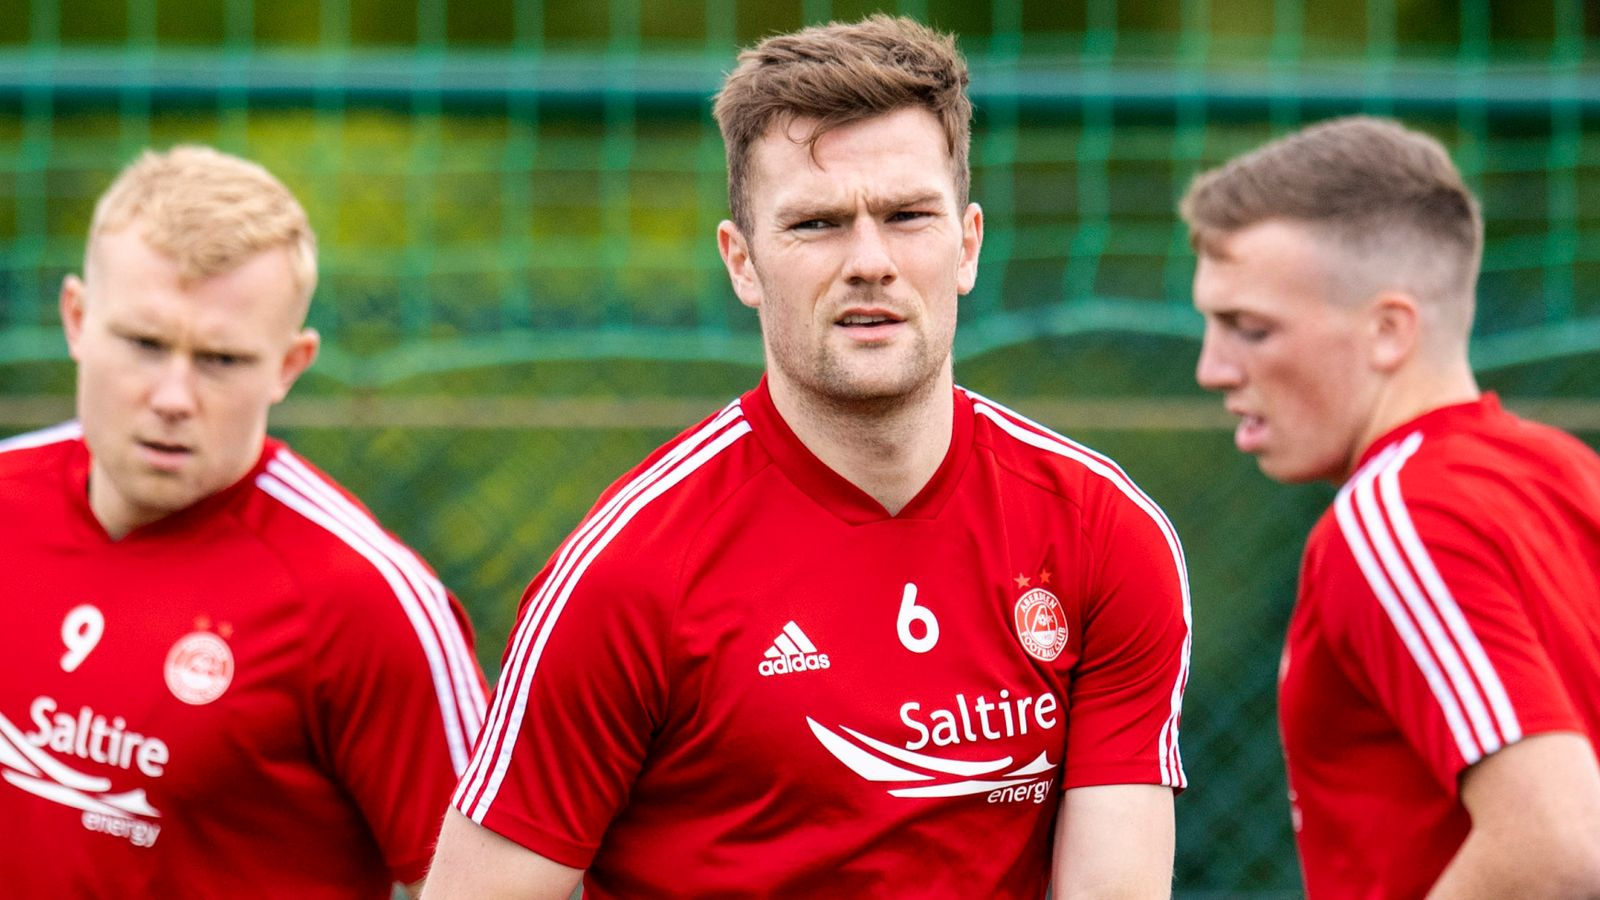 El defensor de Aberdeen Michael Devlin no puede ver el final de temporada | Noticias de futbol 47